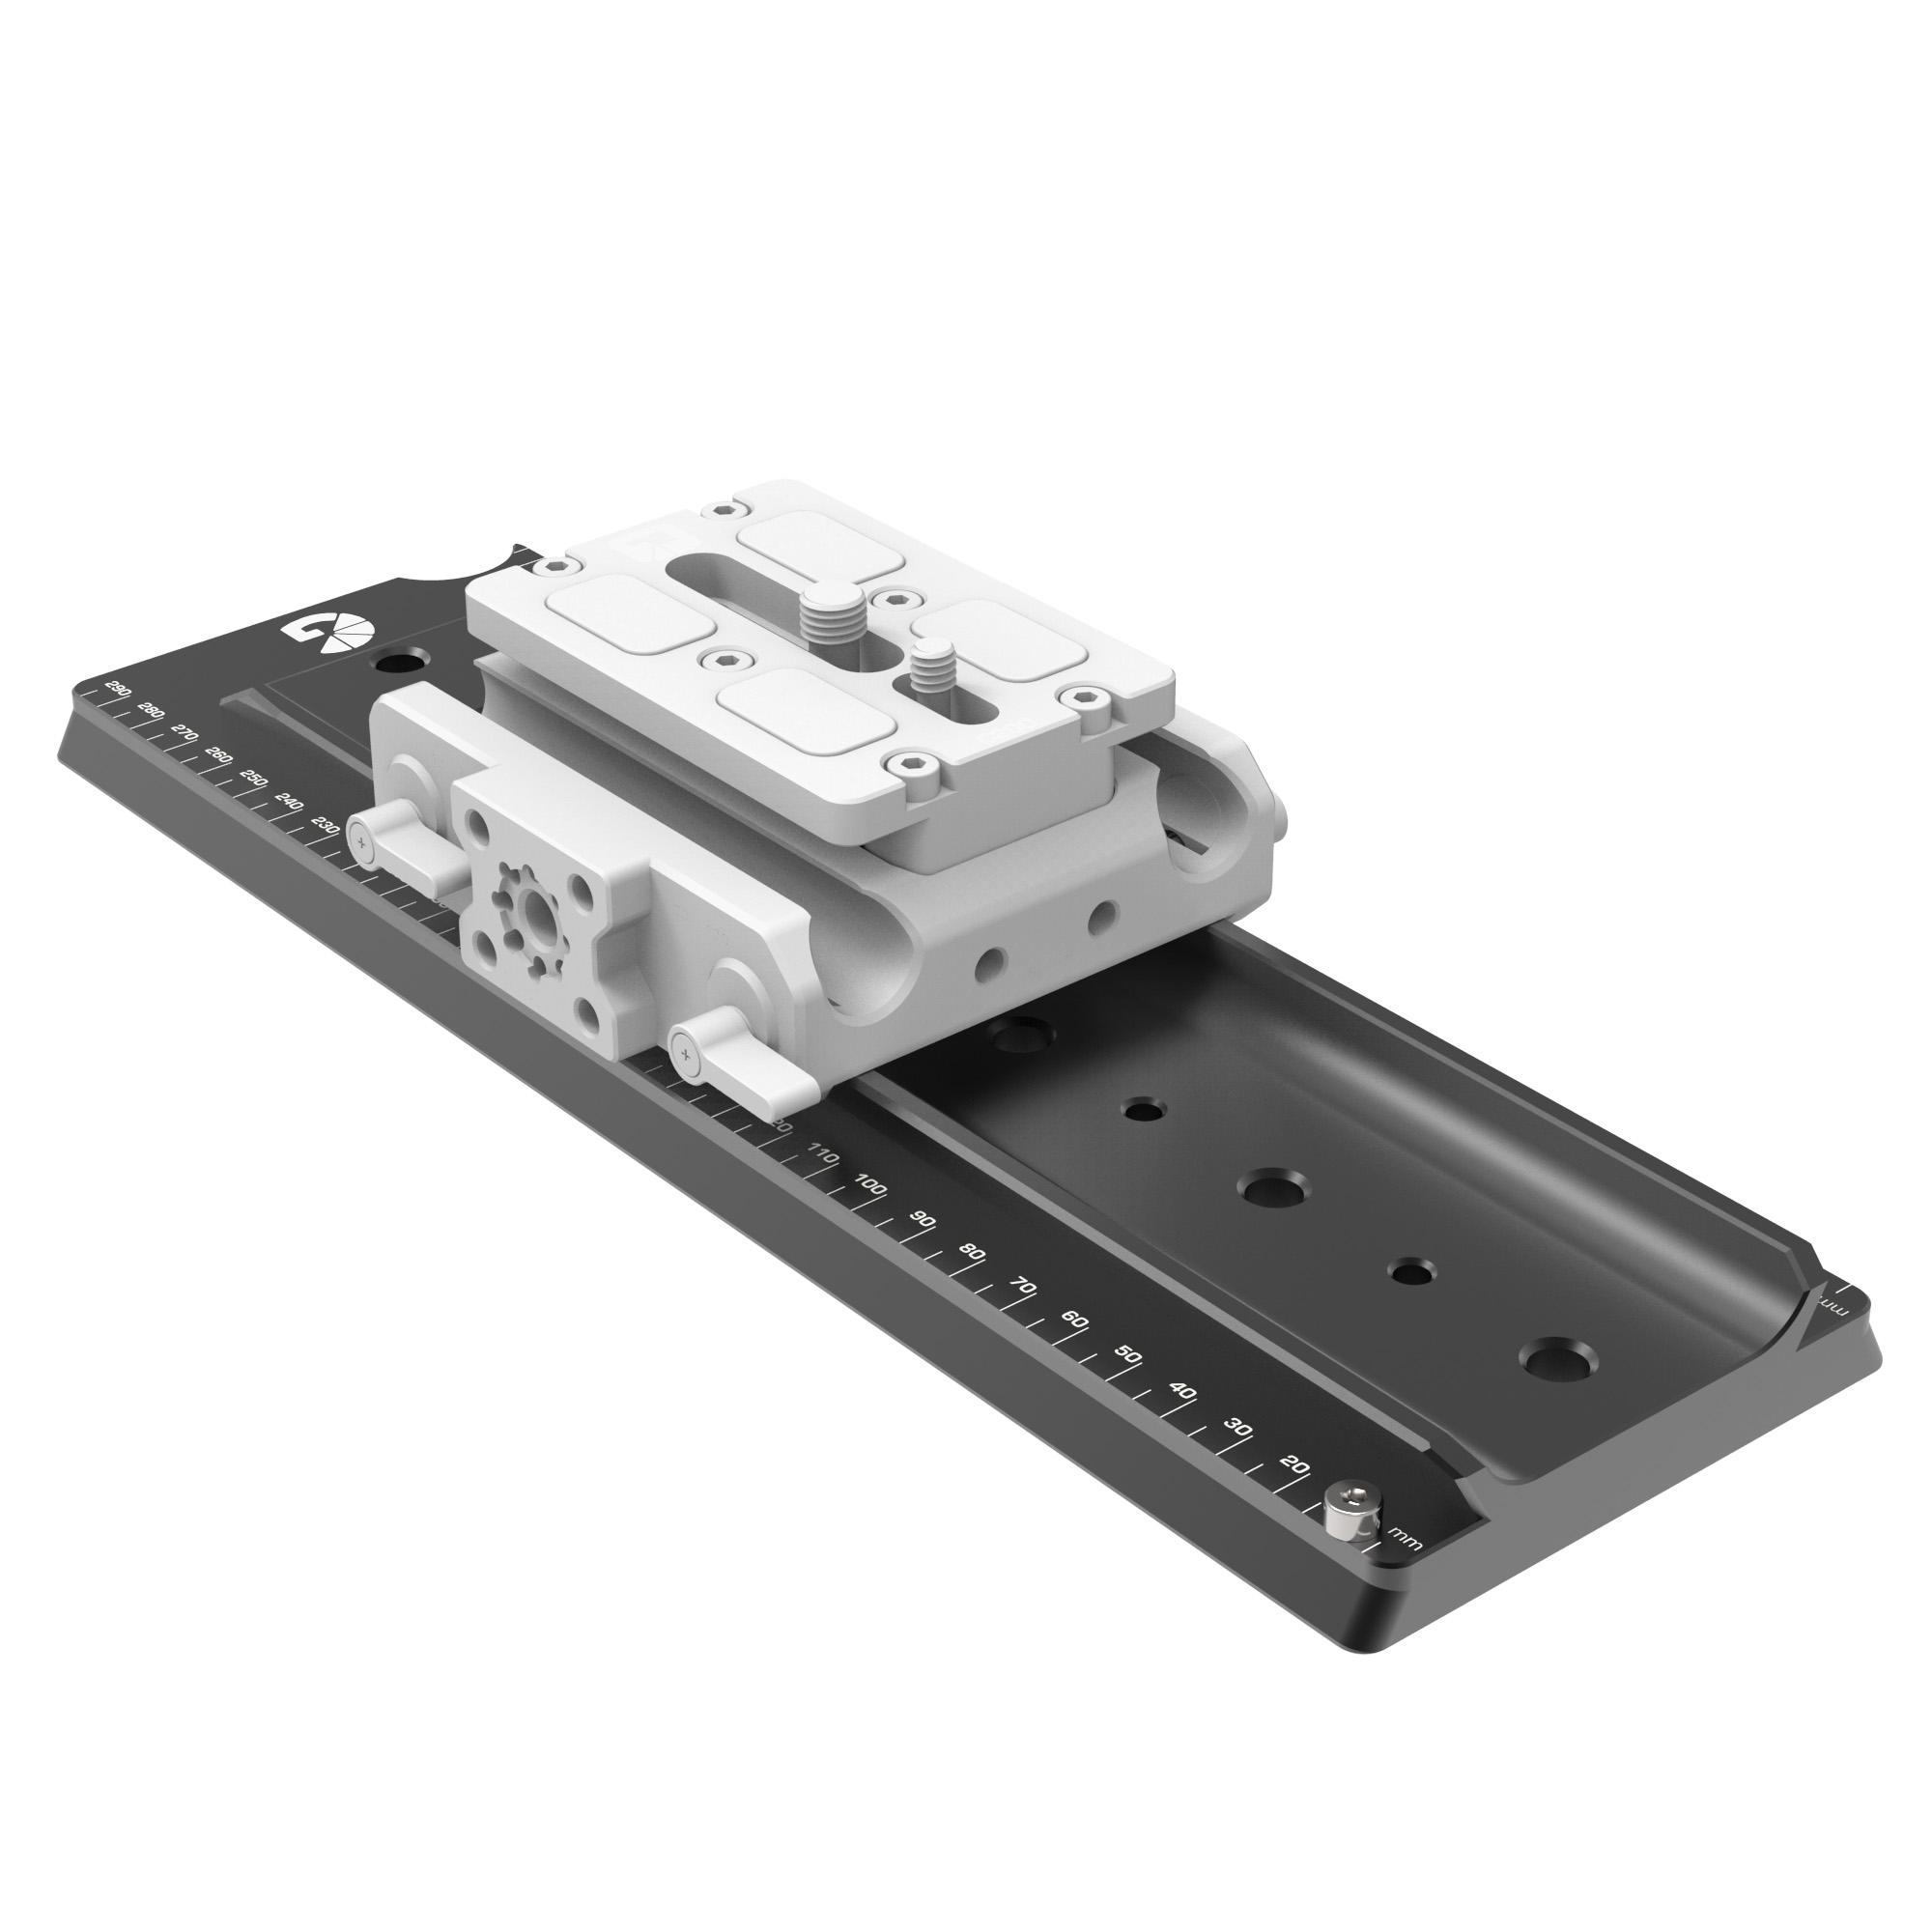 B4003.1009 ARRI Standard Dovetail 300mm 6